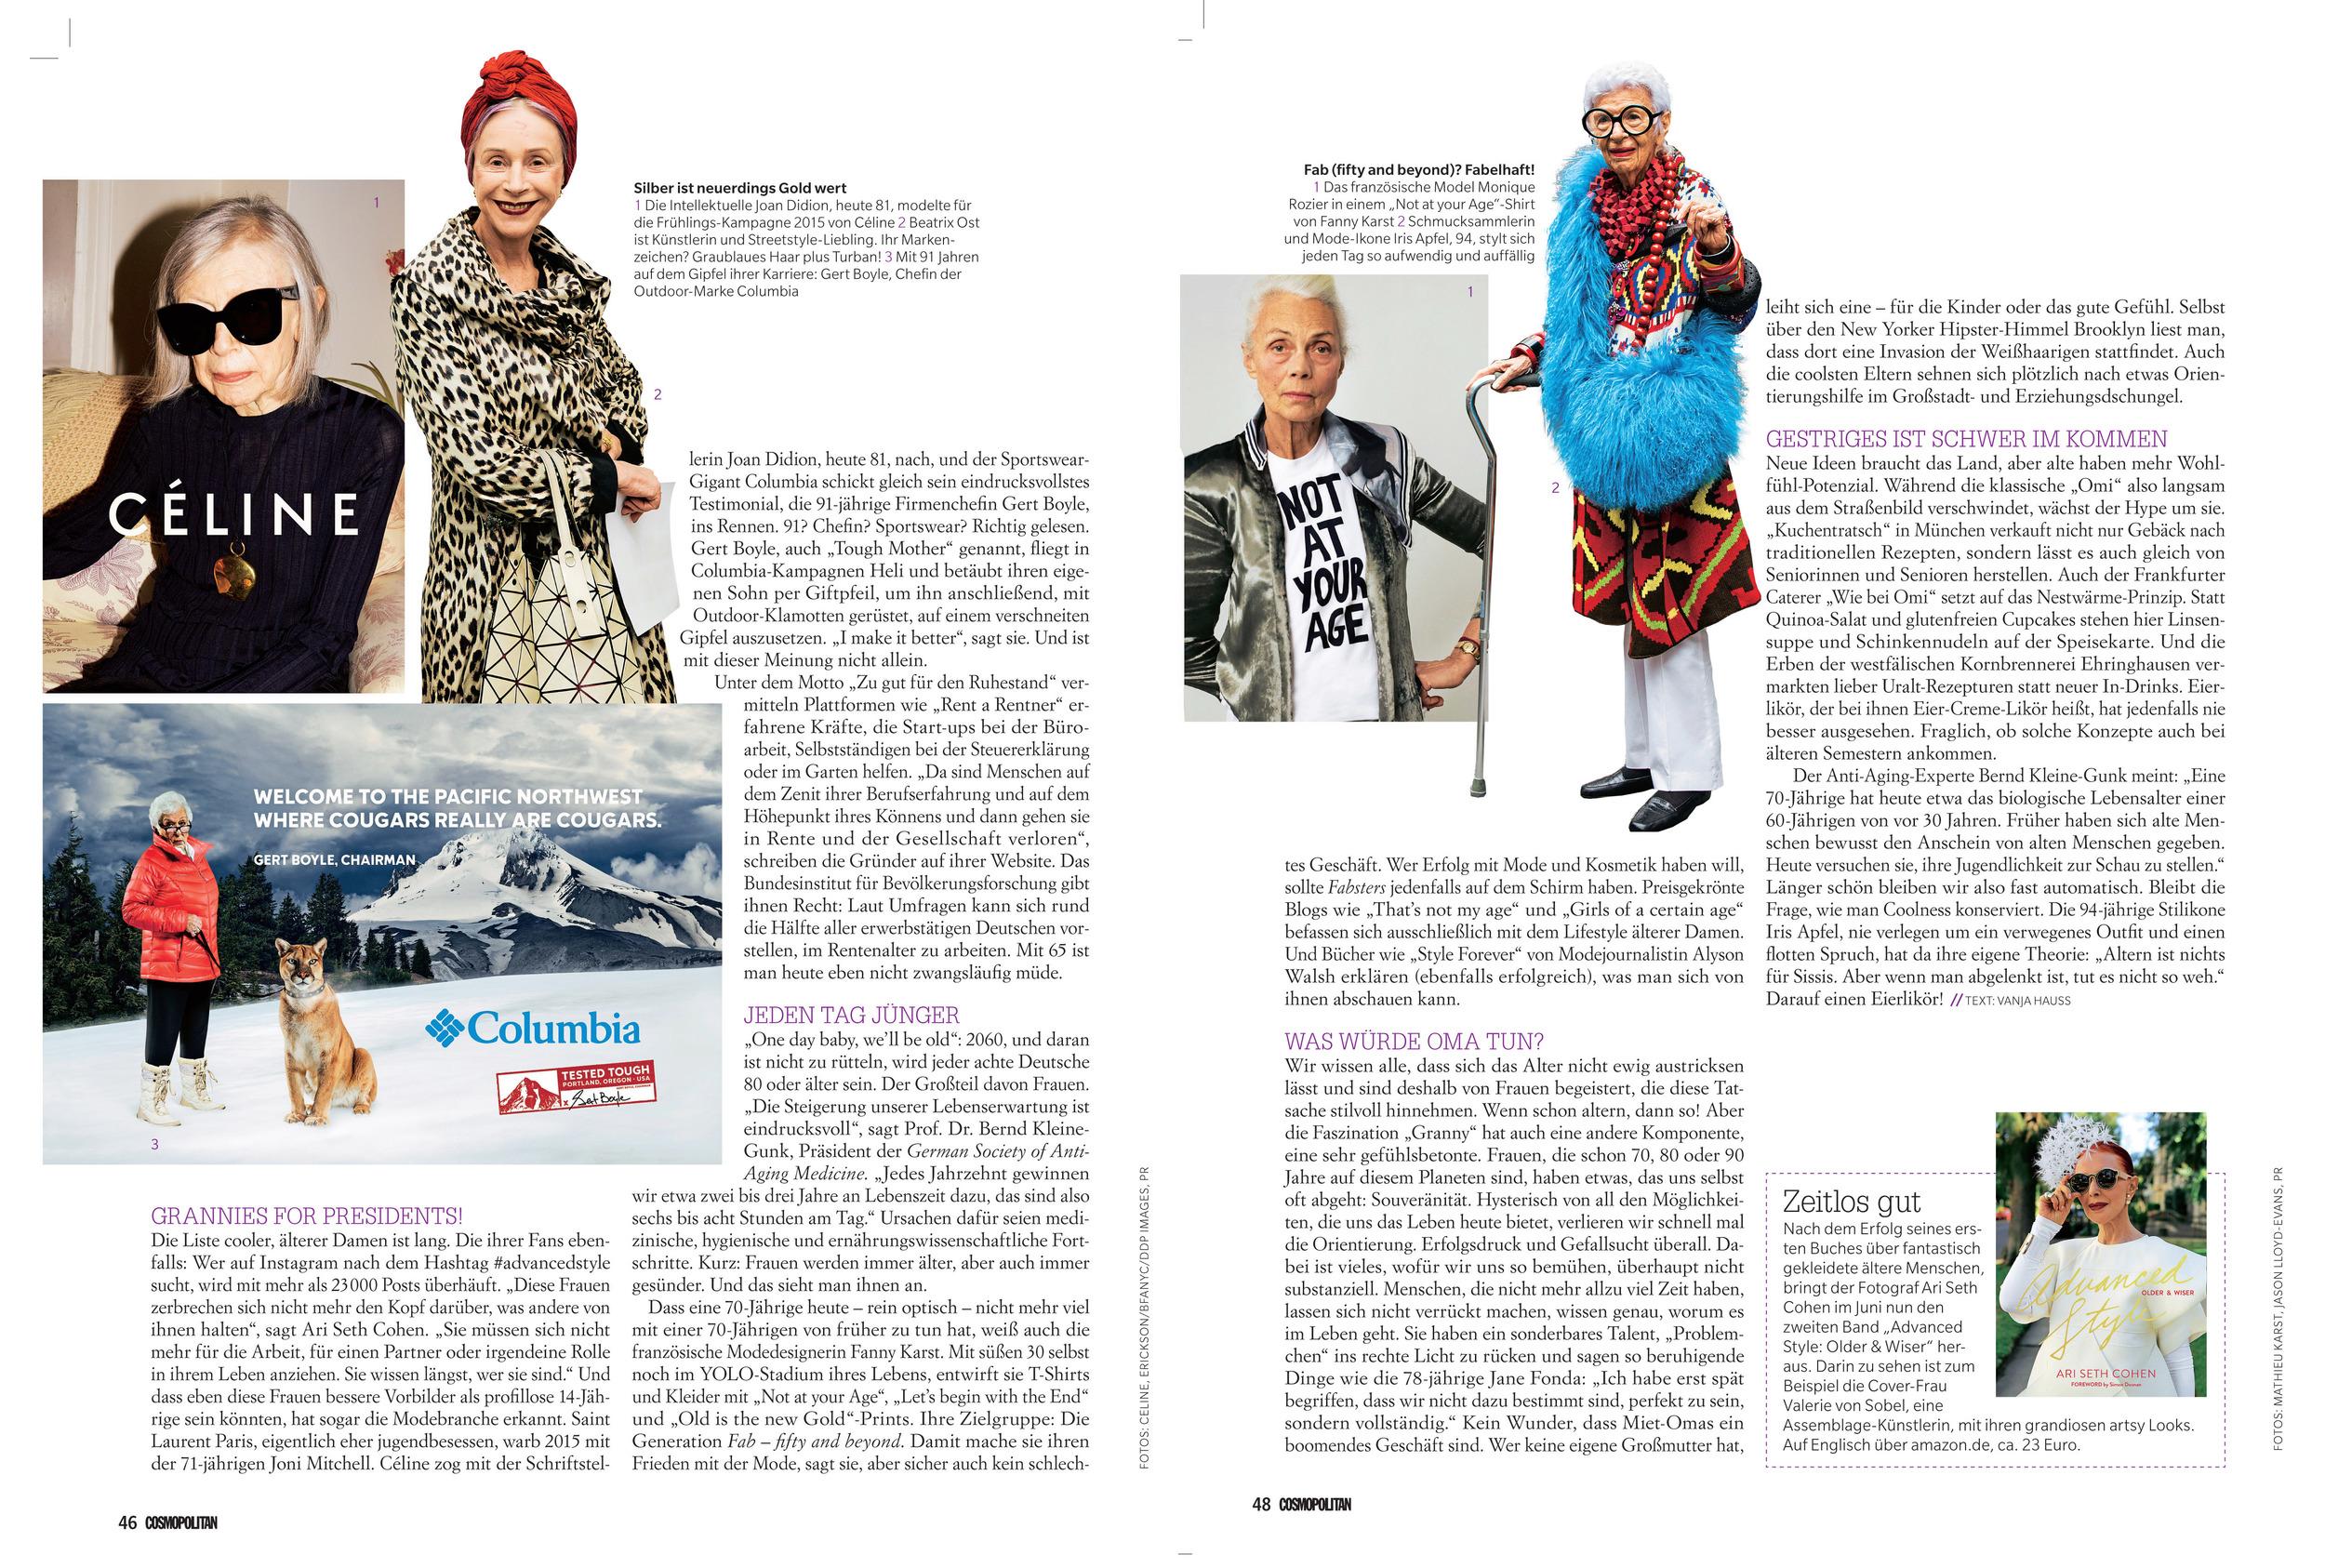 German Cosmopolitan March 2016